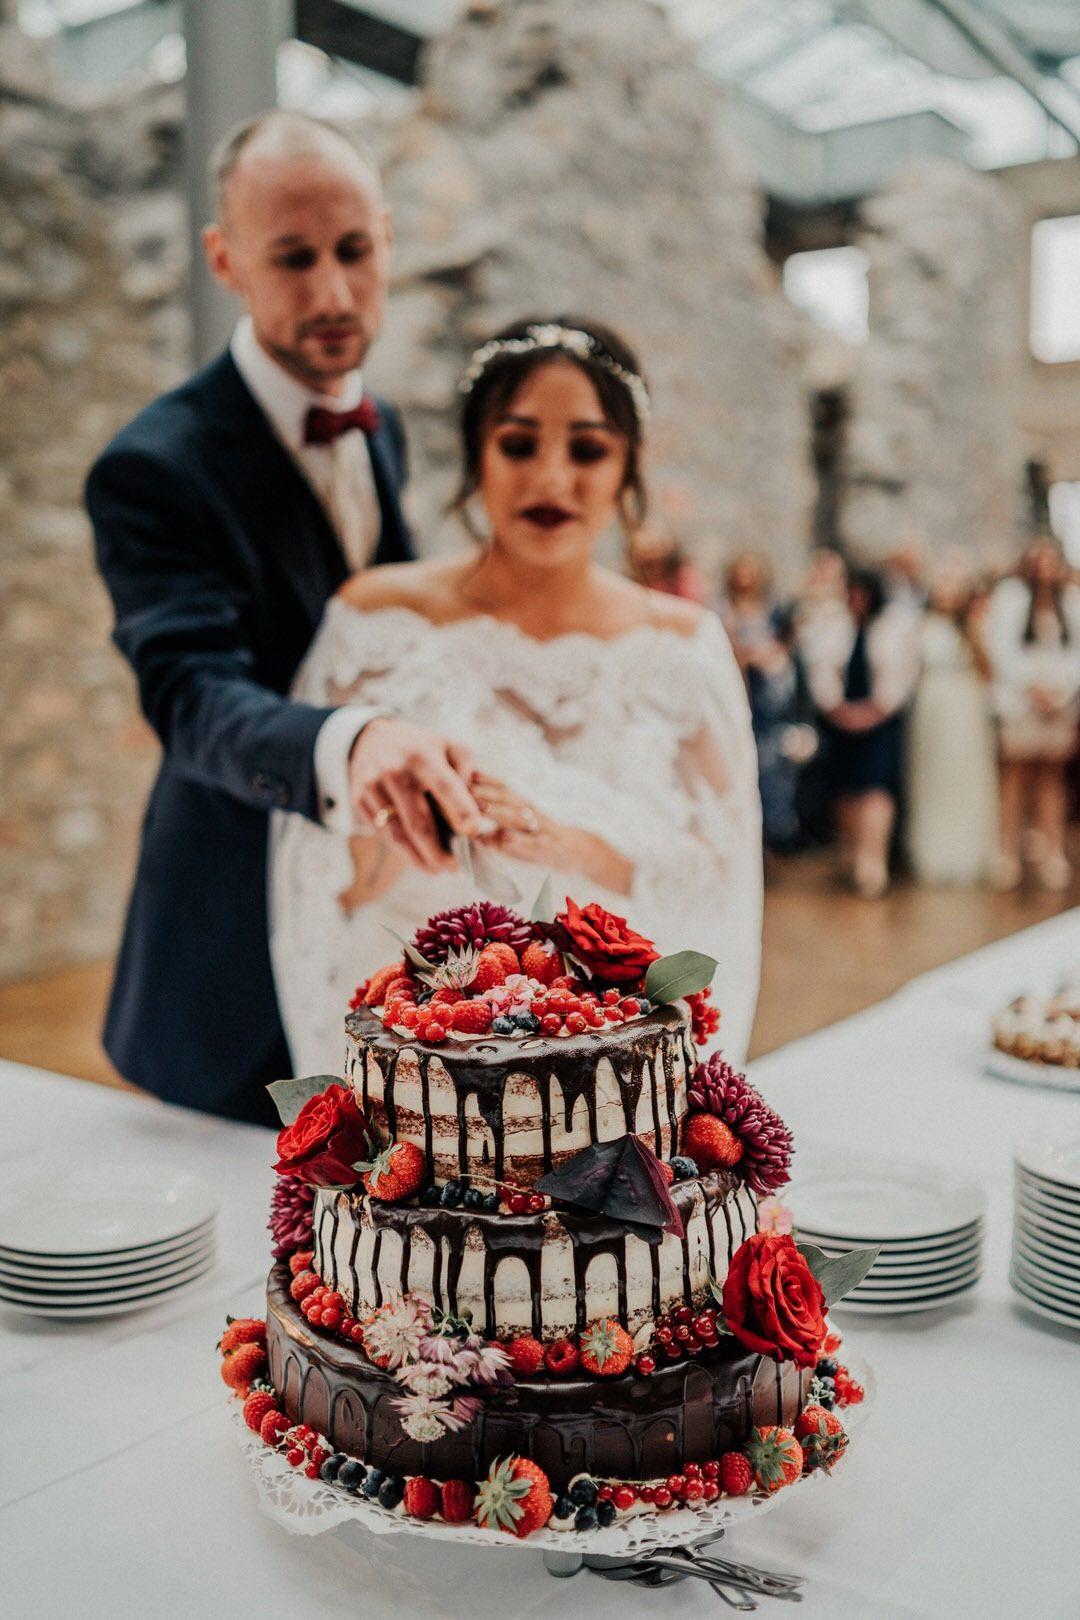 Boho-Brautpaar beim Anschneiden der Hochzeitstorte bei der Lovestory in Wiesbaden